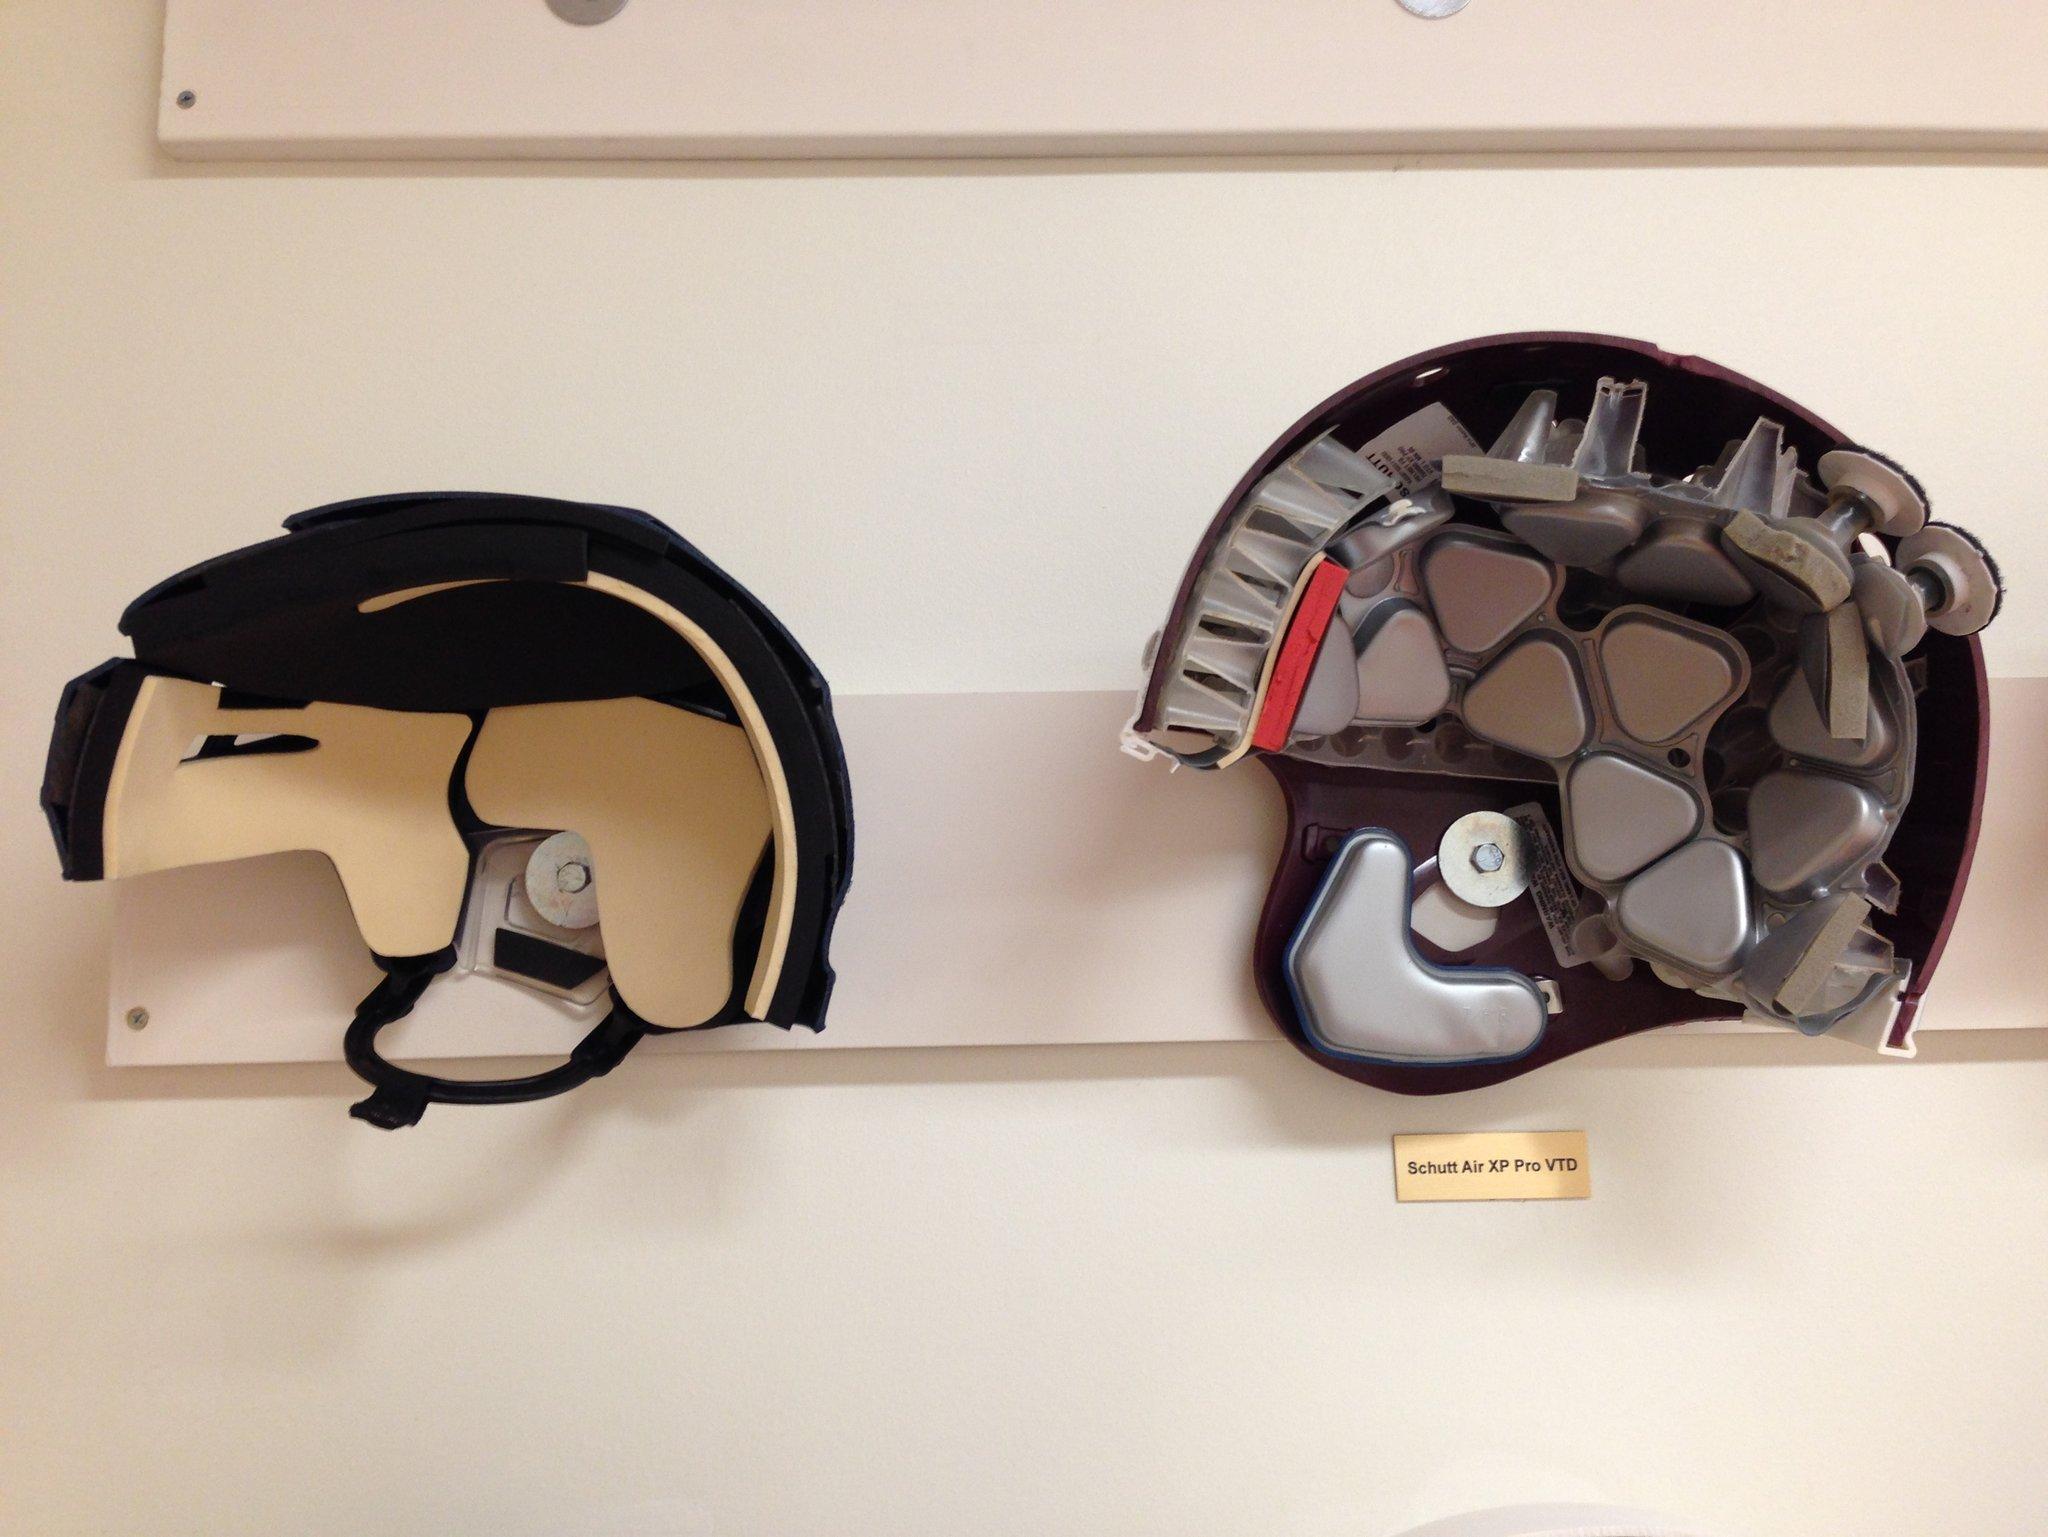 Hockey Helmet and Football Helmet